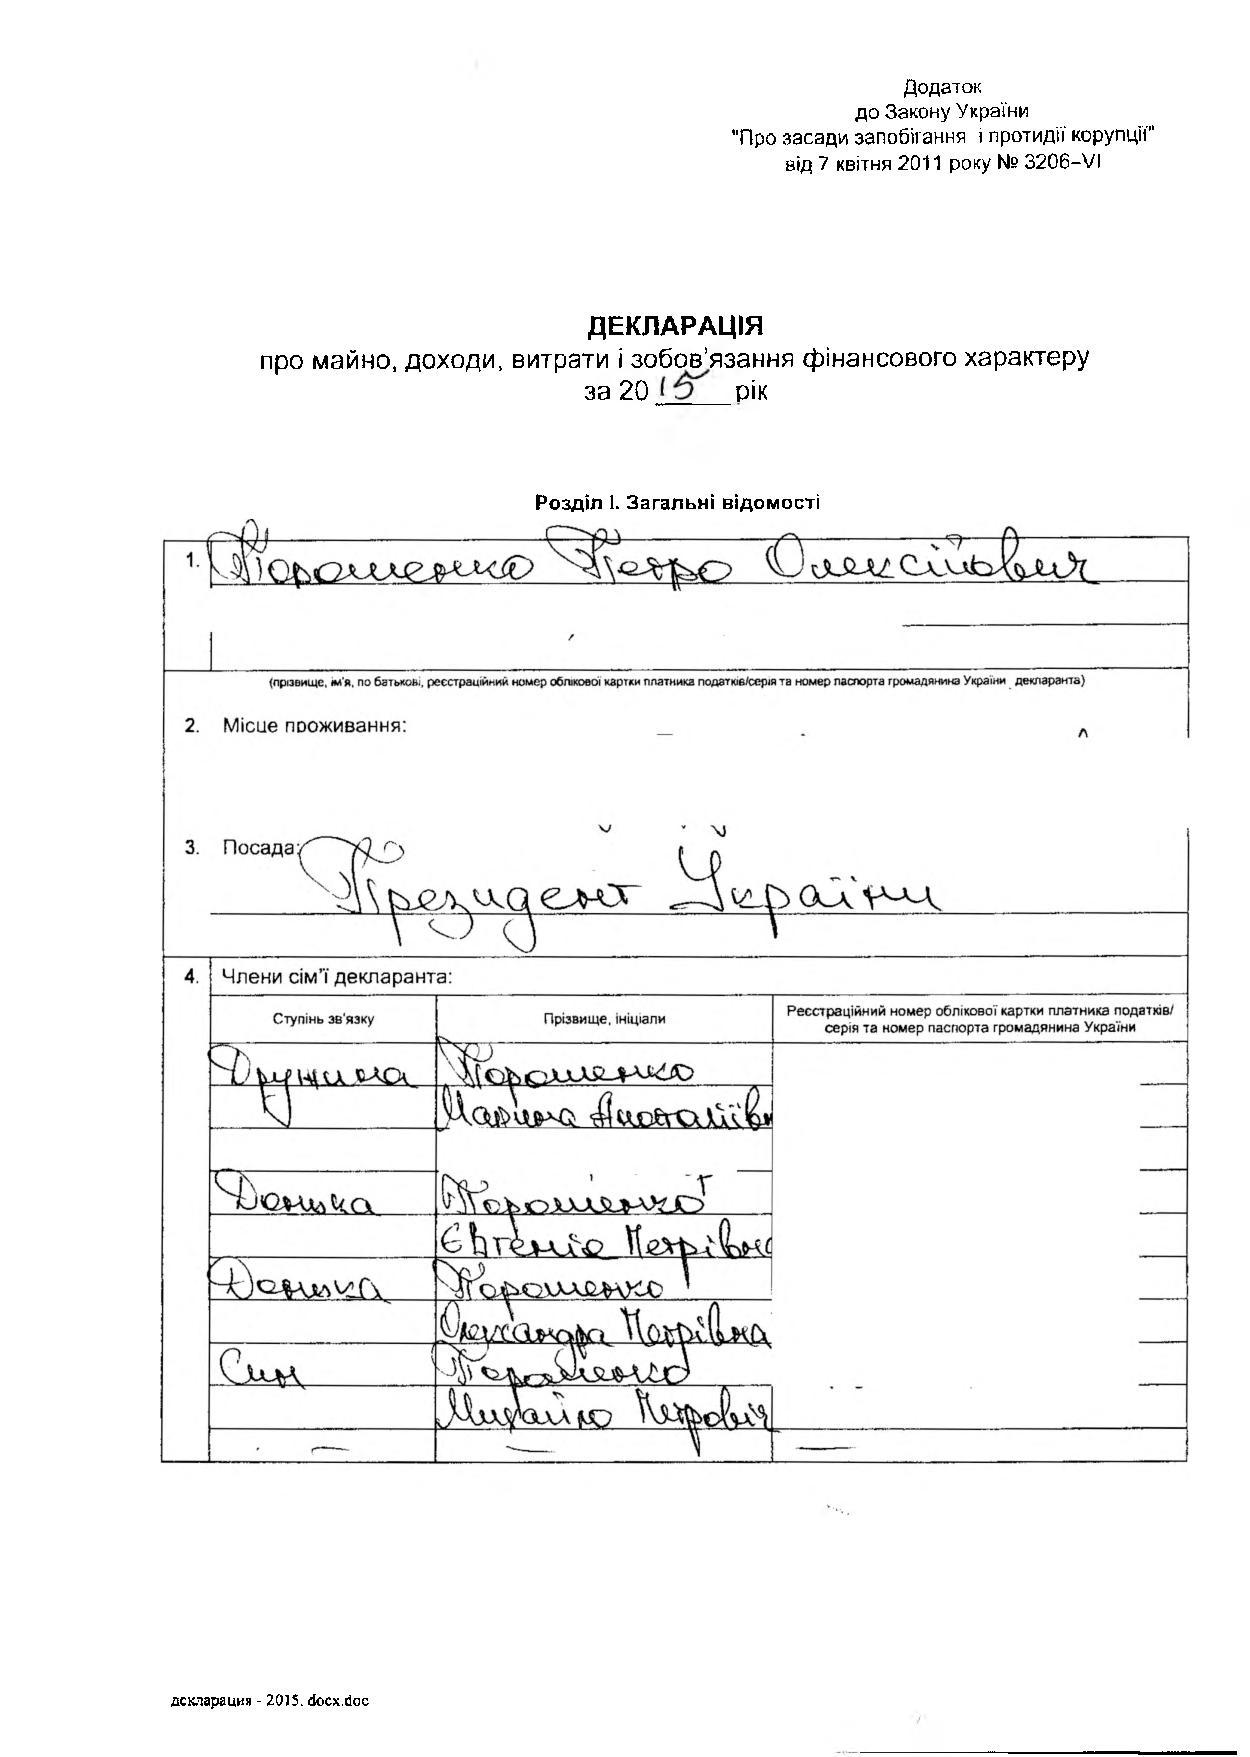 Декларация Порошенко: сколько заработал президент в 2015 году